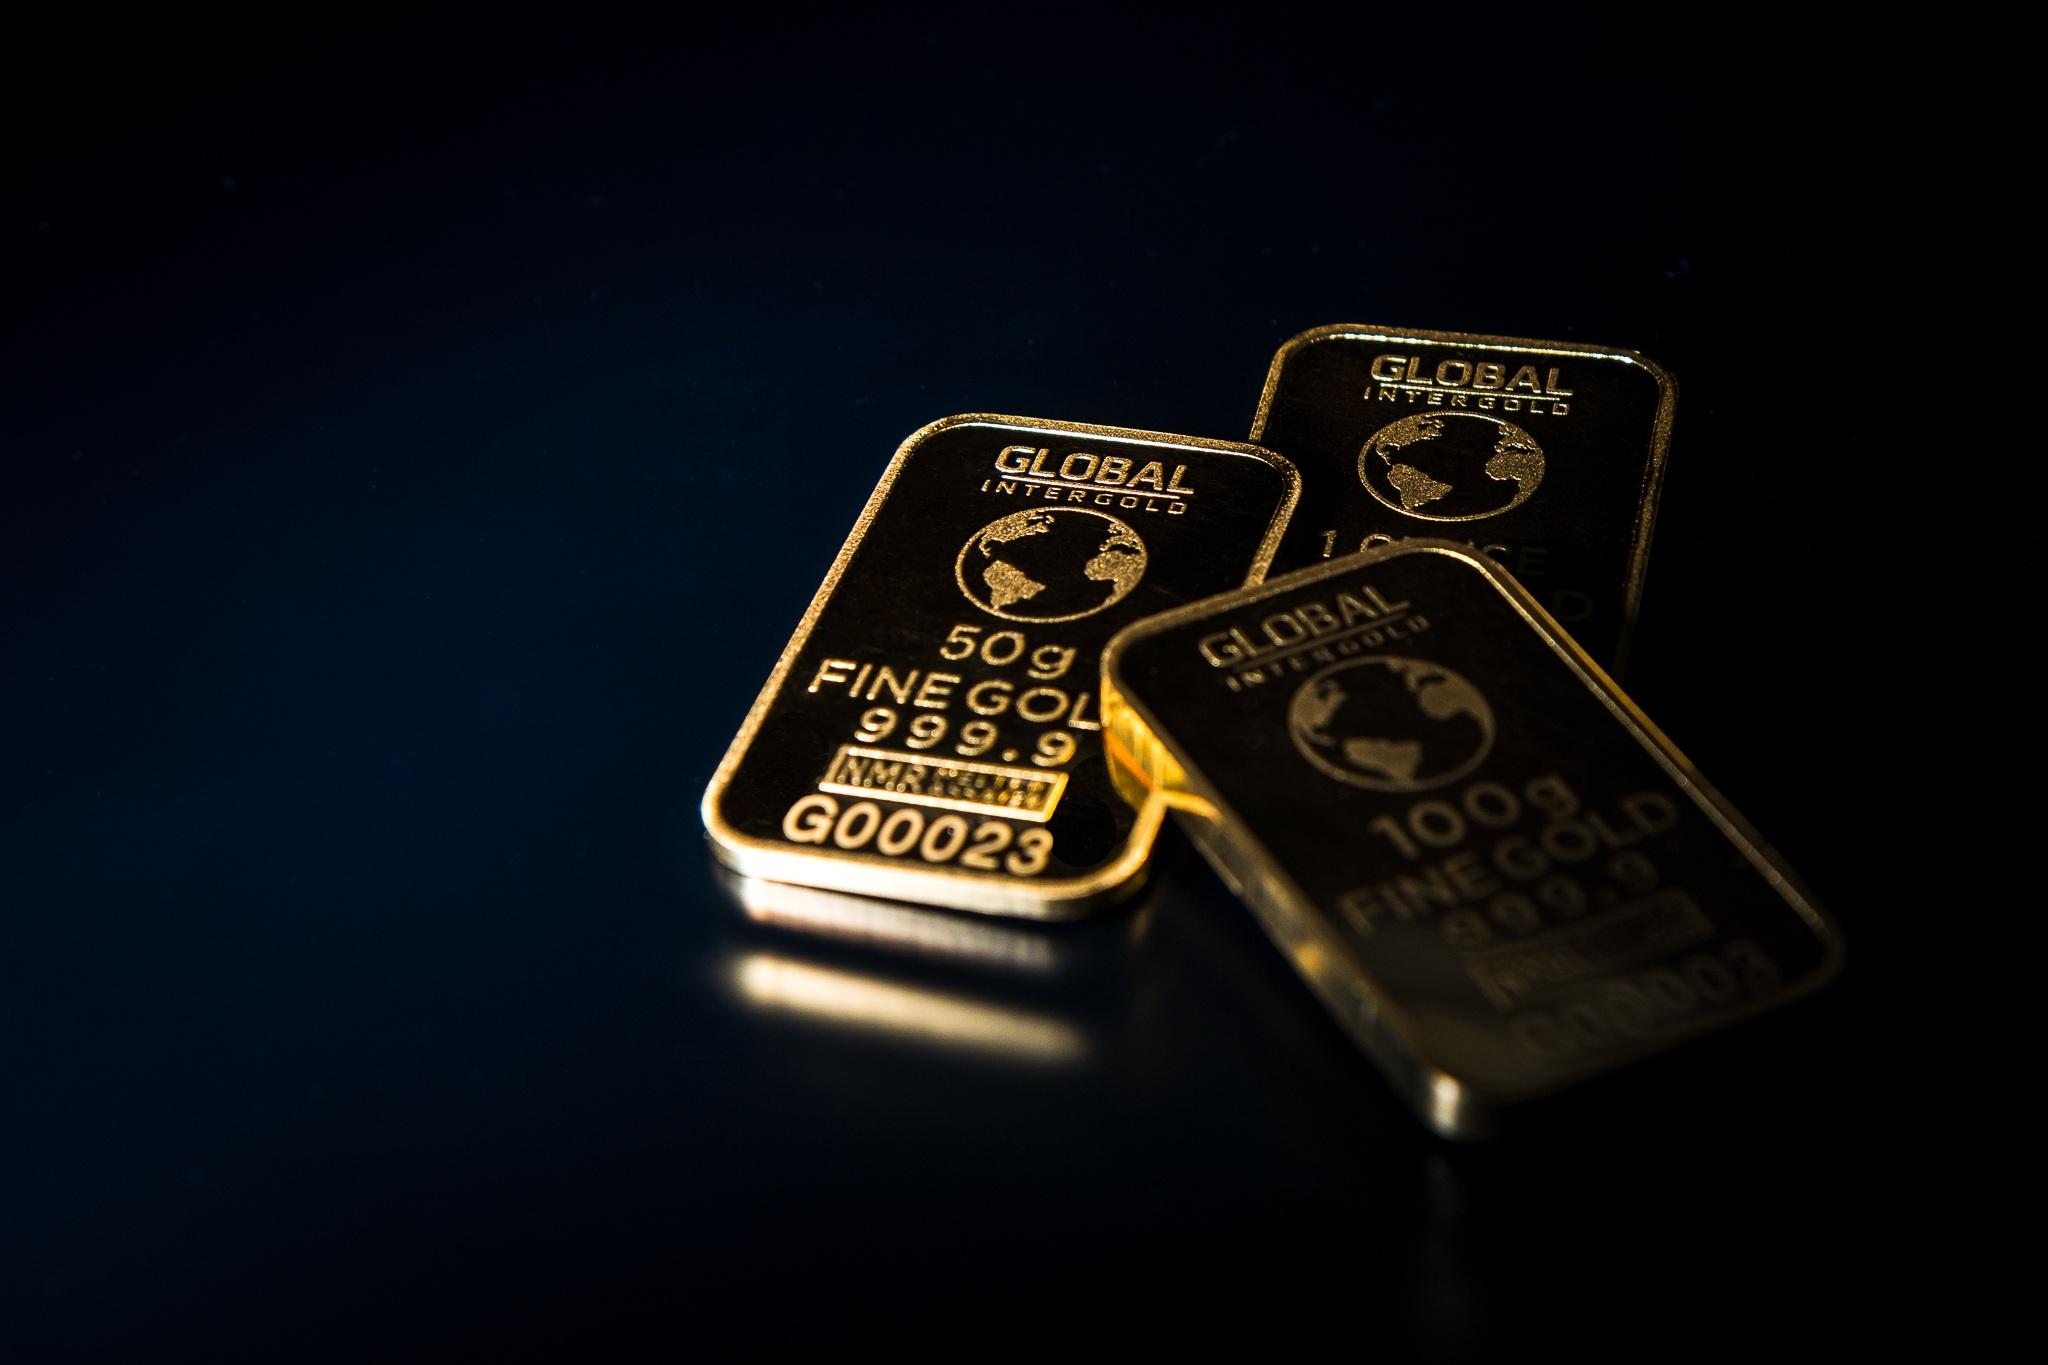 ทองคำ & ทองเค (K)